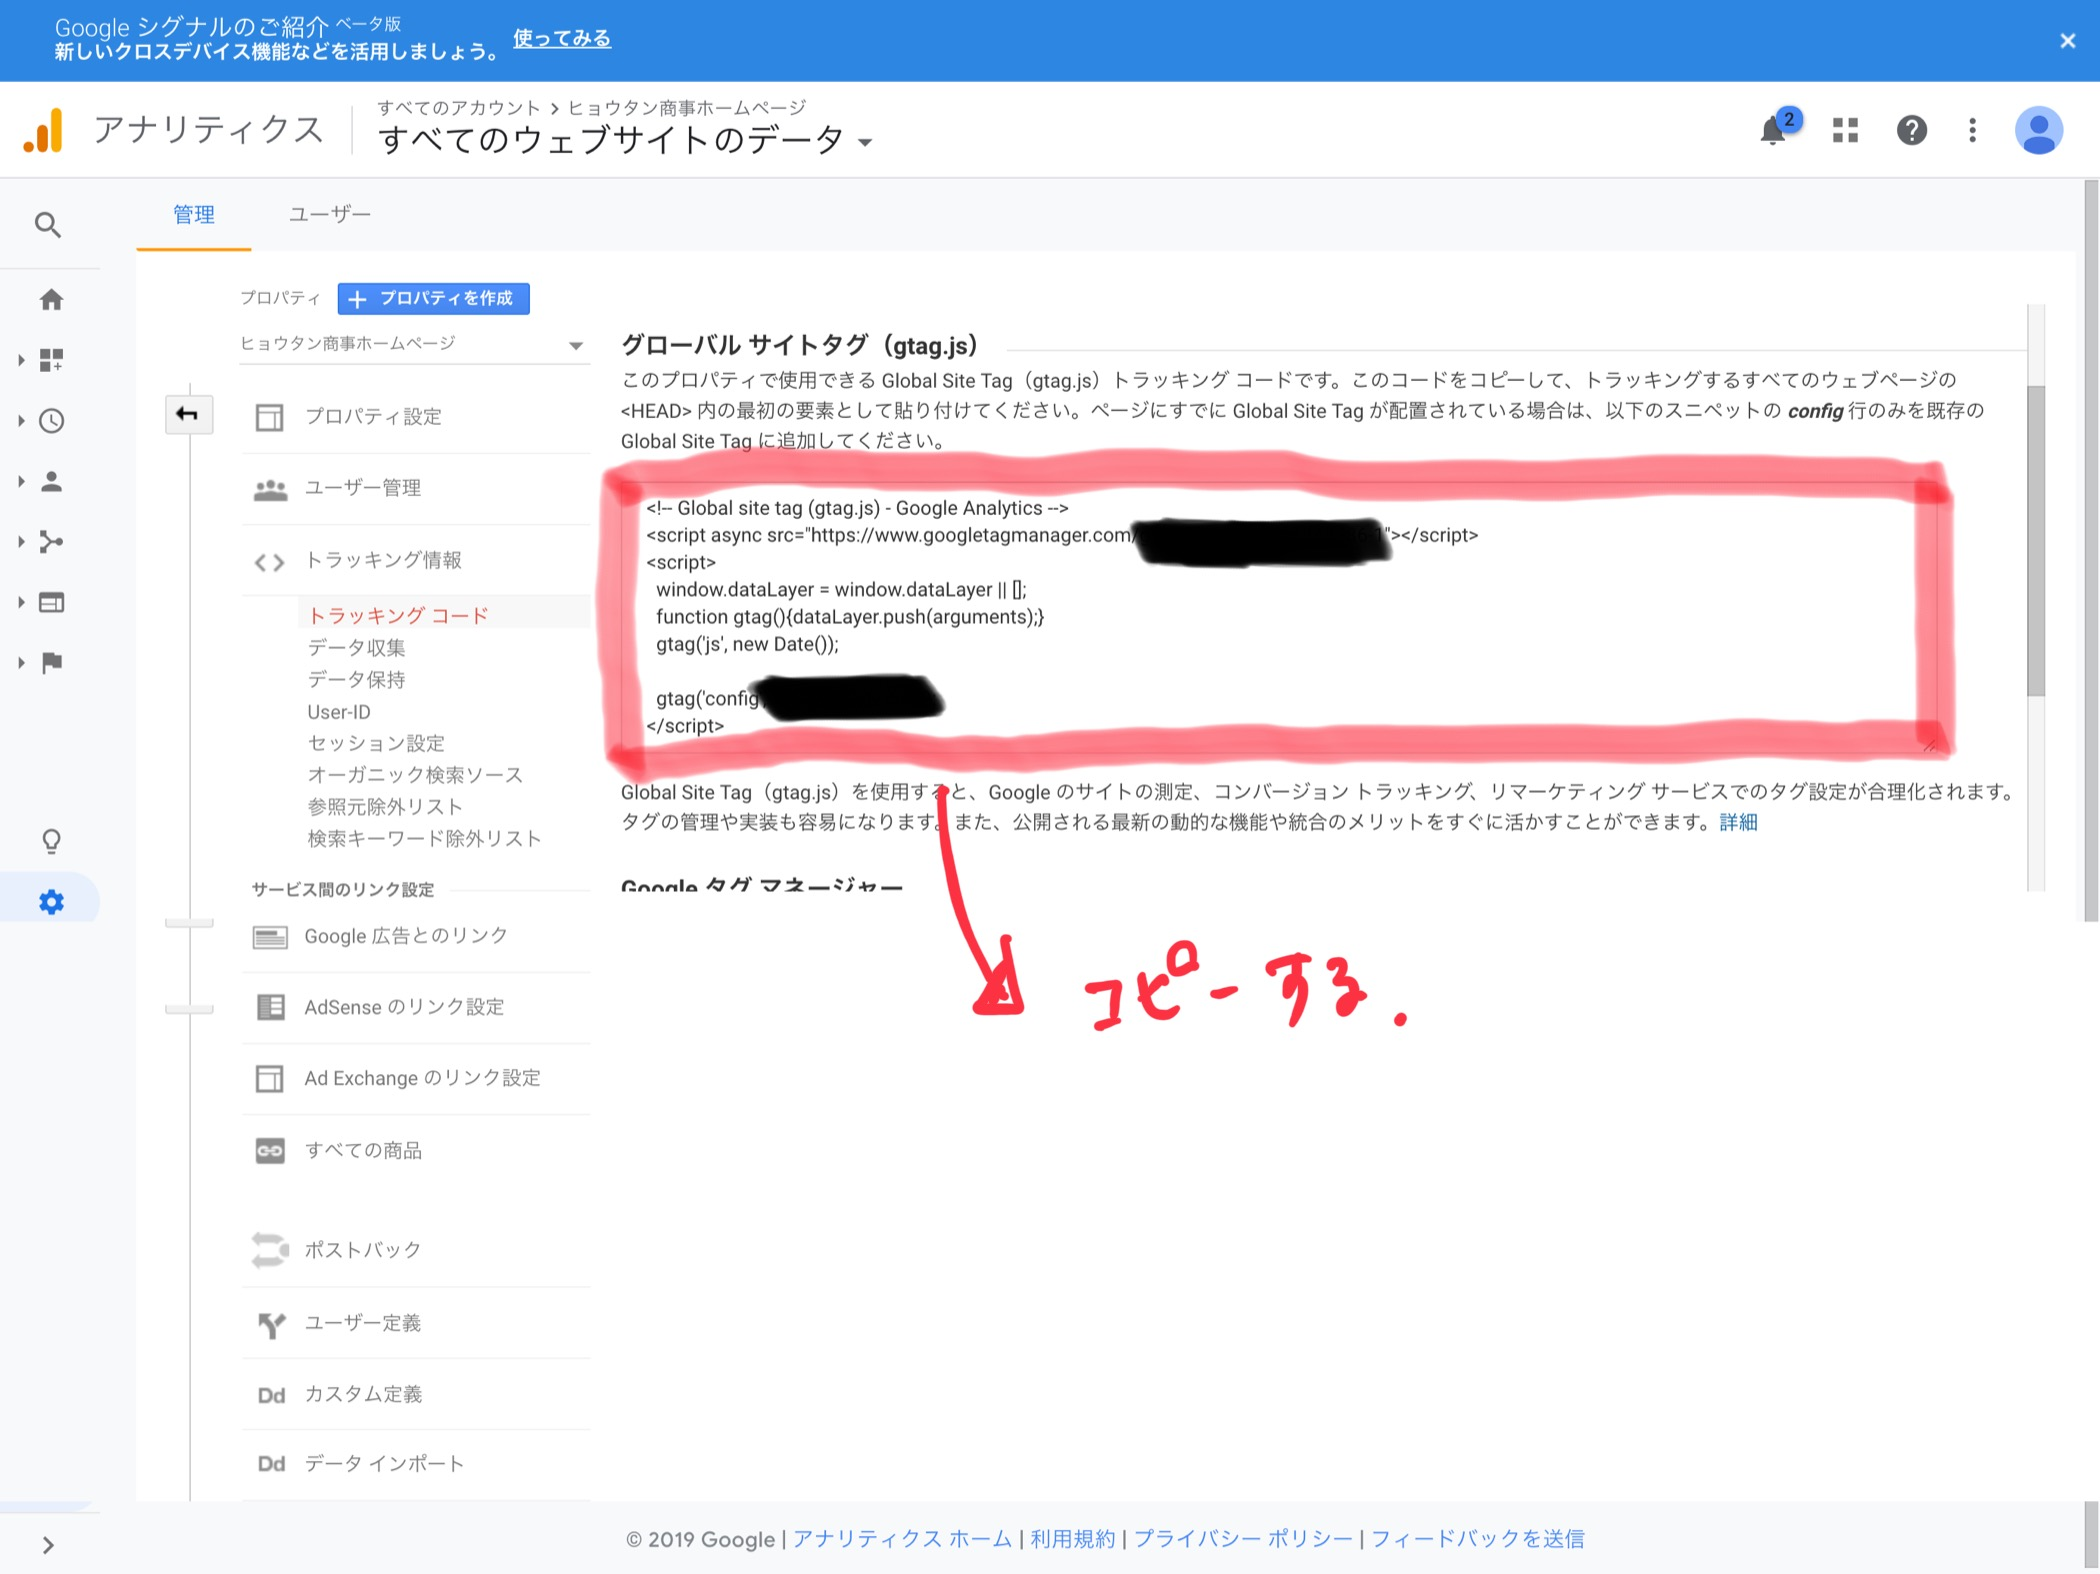 GoogleAnalyticsトラッキングコード